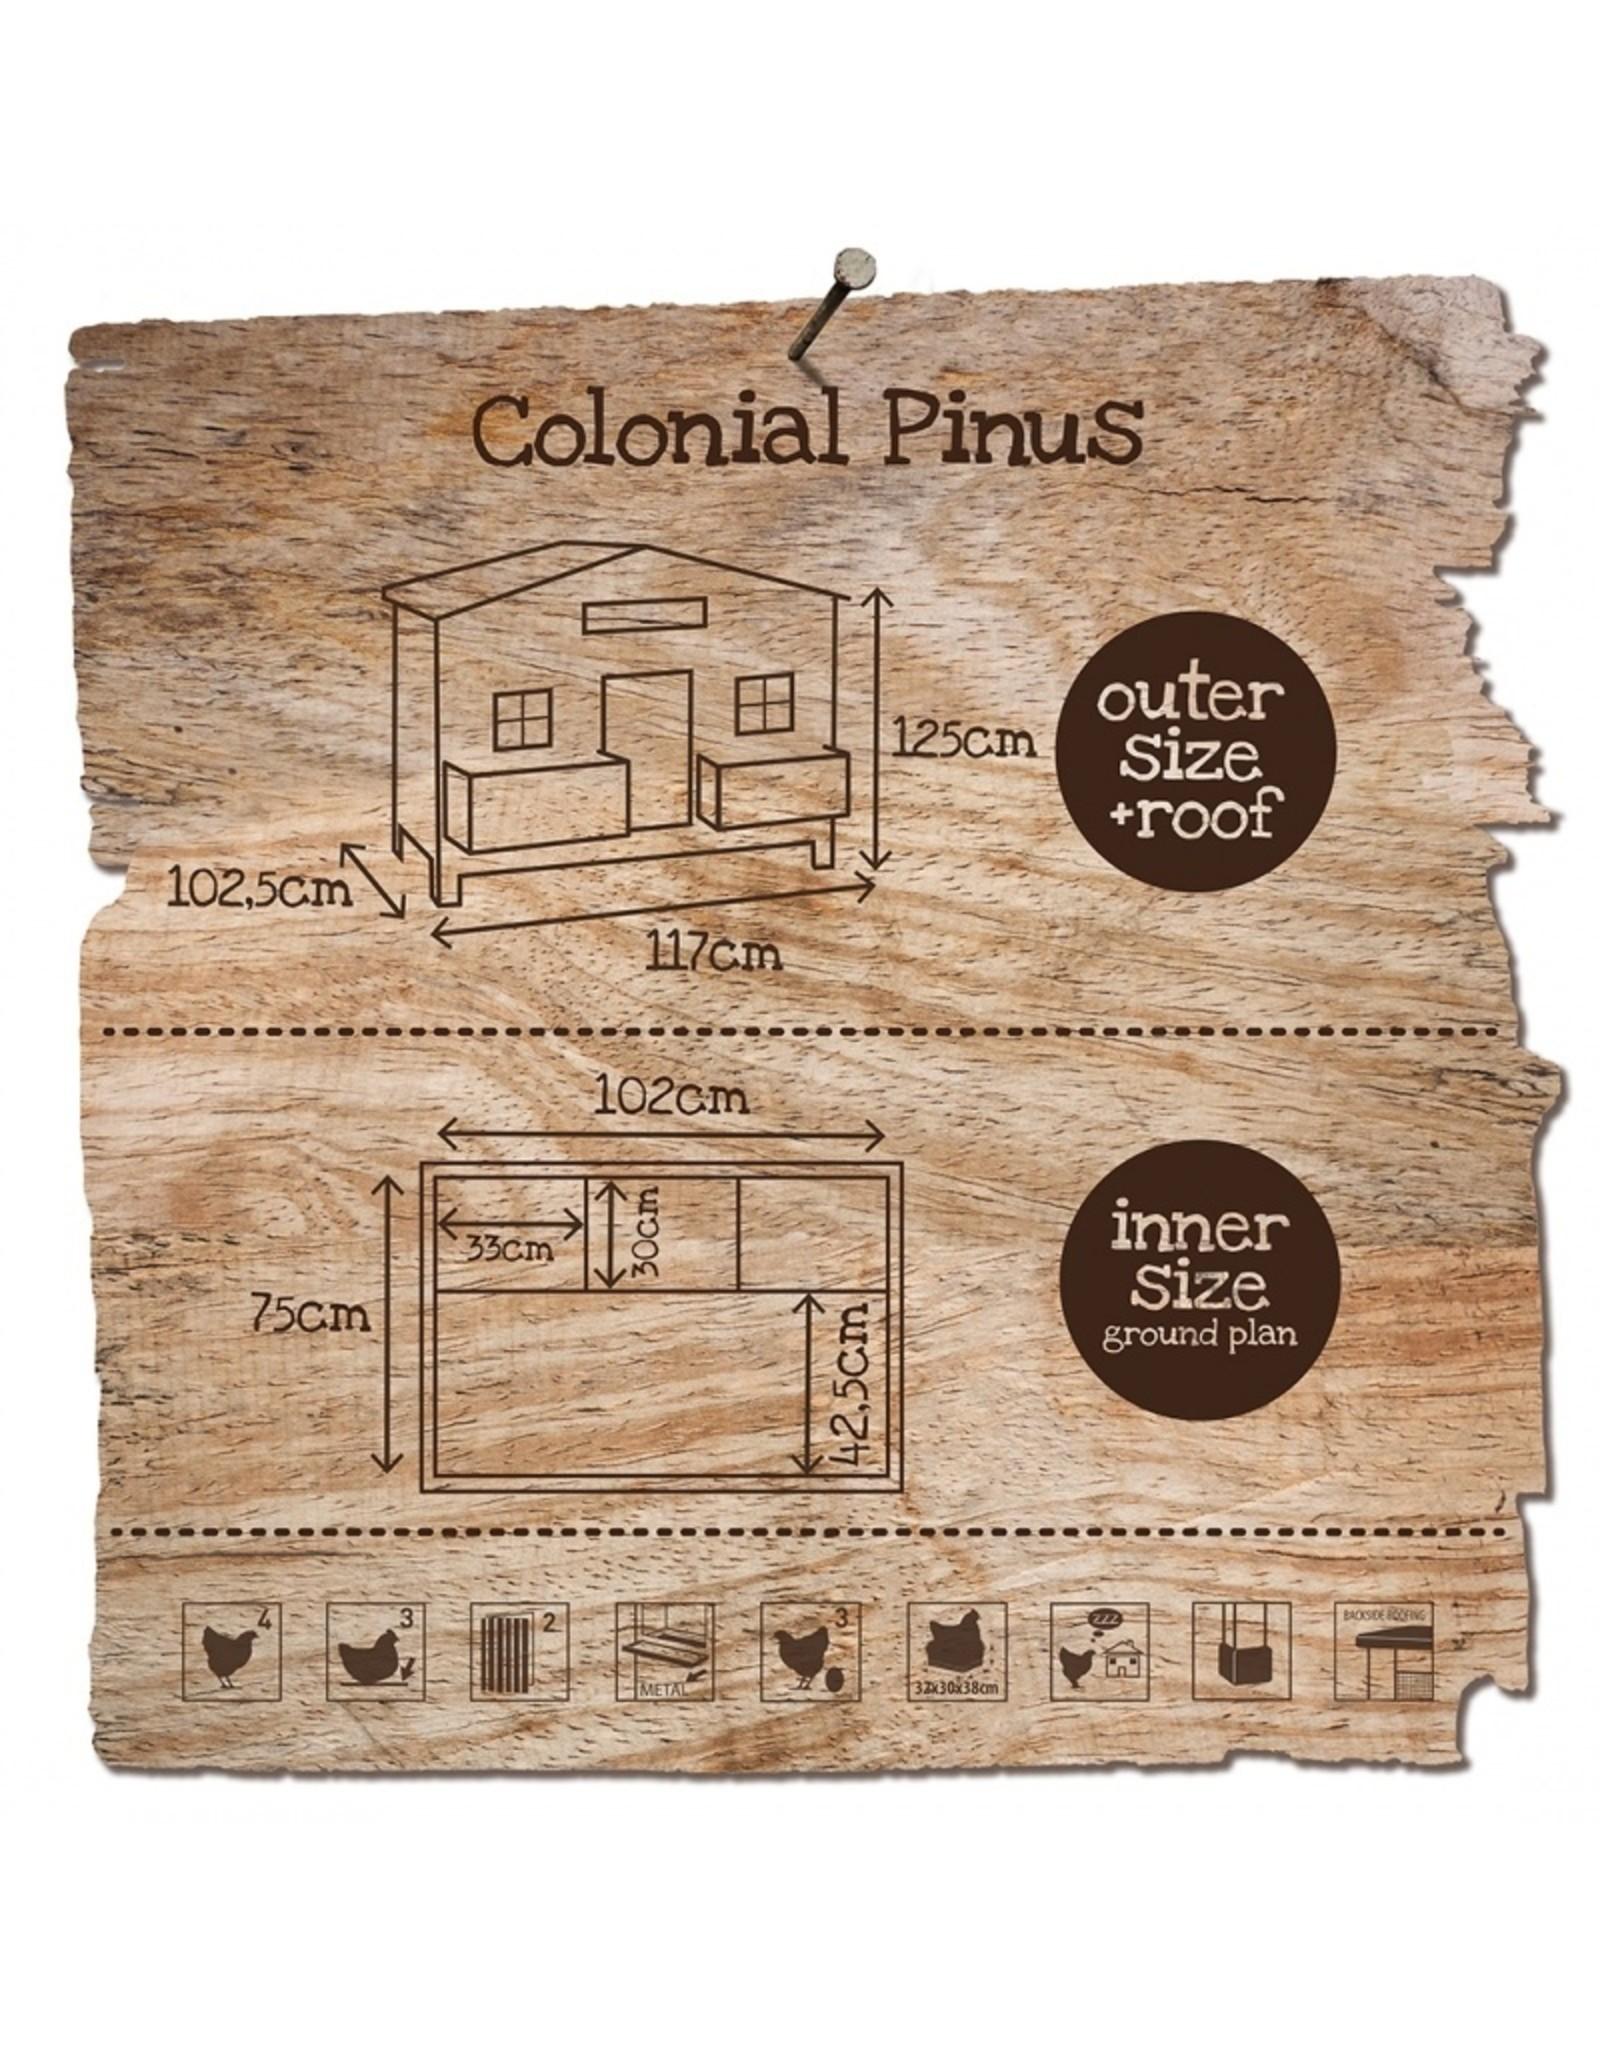 Kippenhokken Kippenhok Colonial Pinus - 1 Stuks